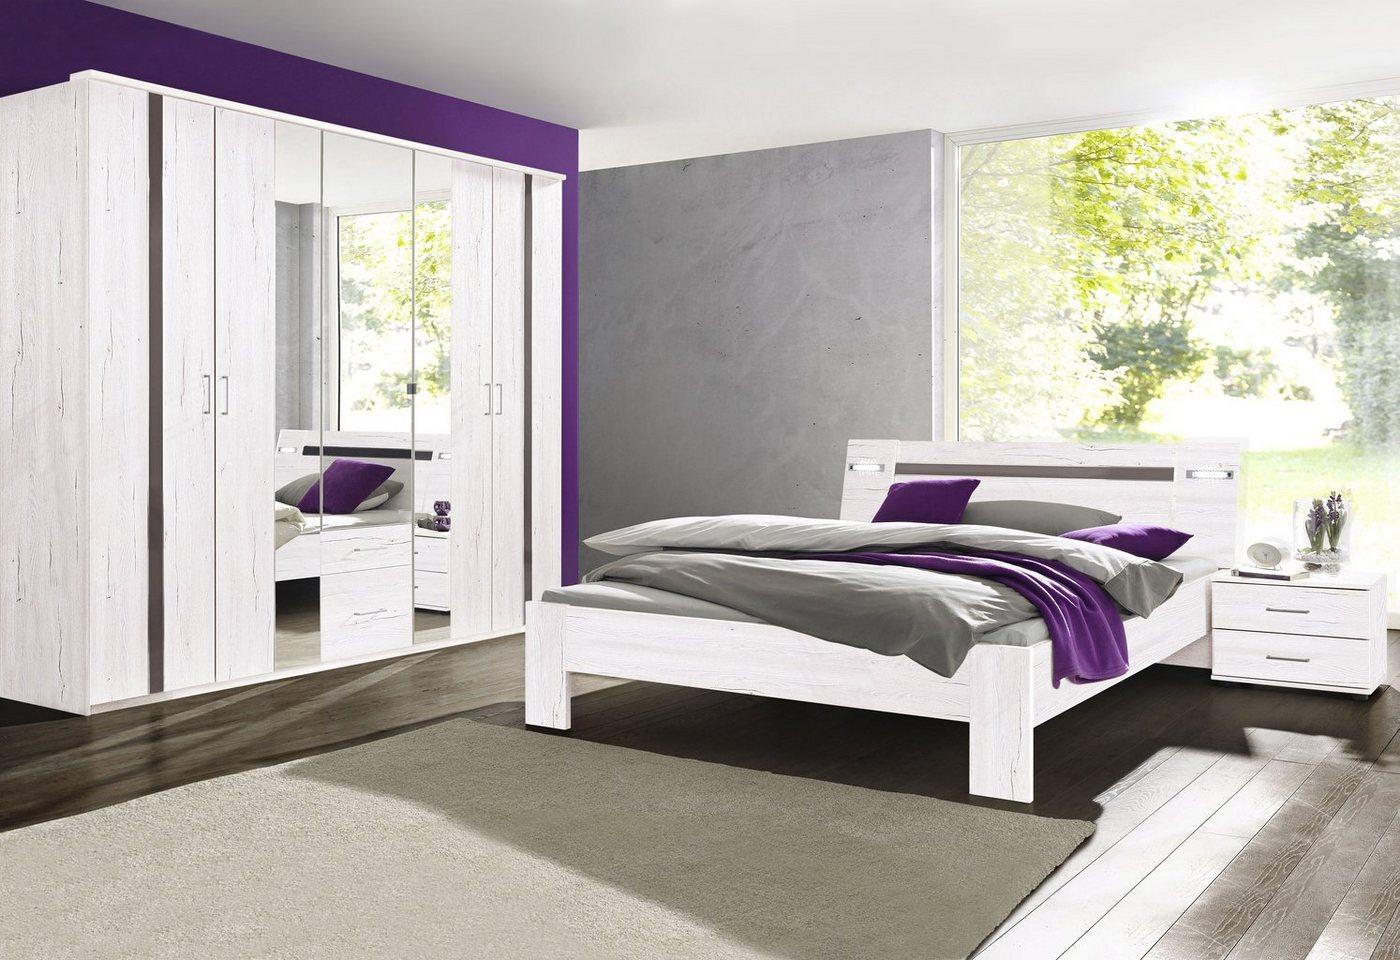 Slaapkamer met garderobekast 4-delige voordeelset